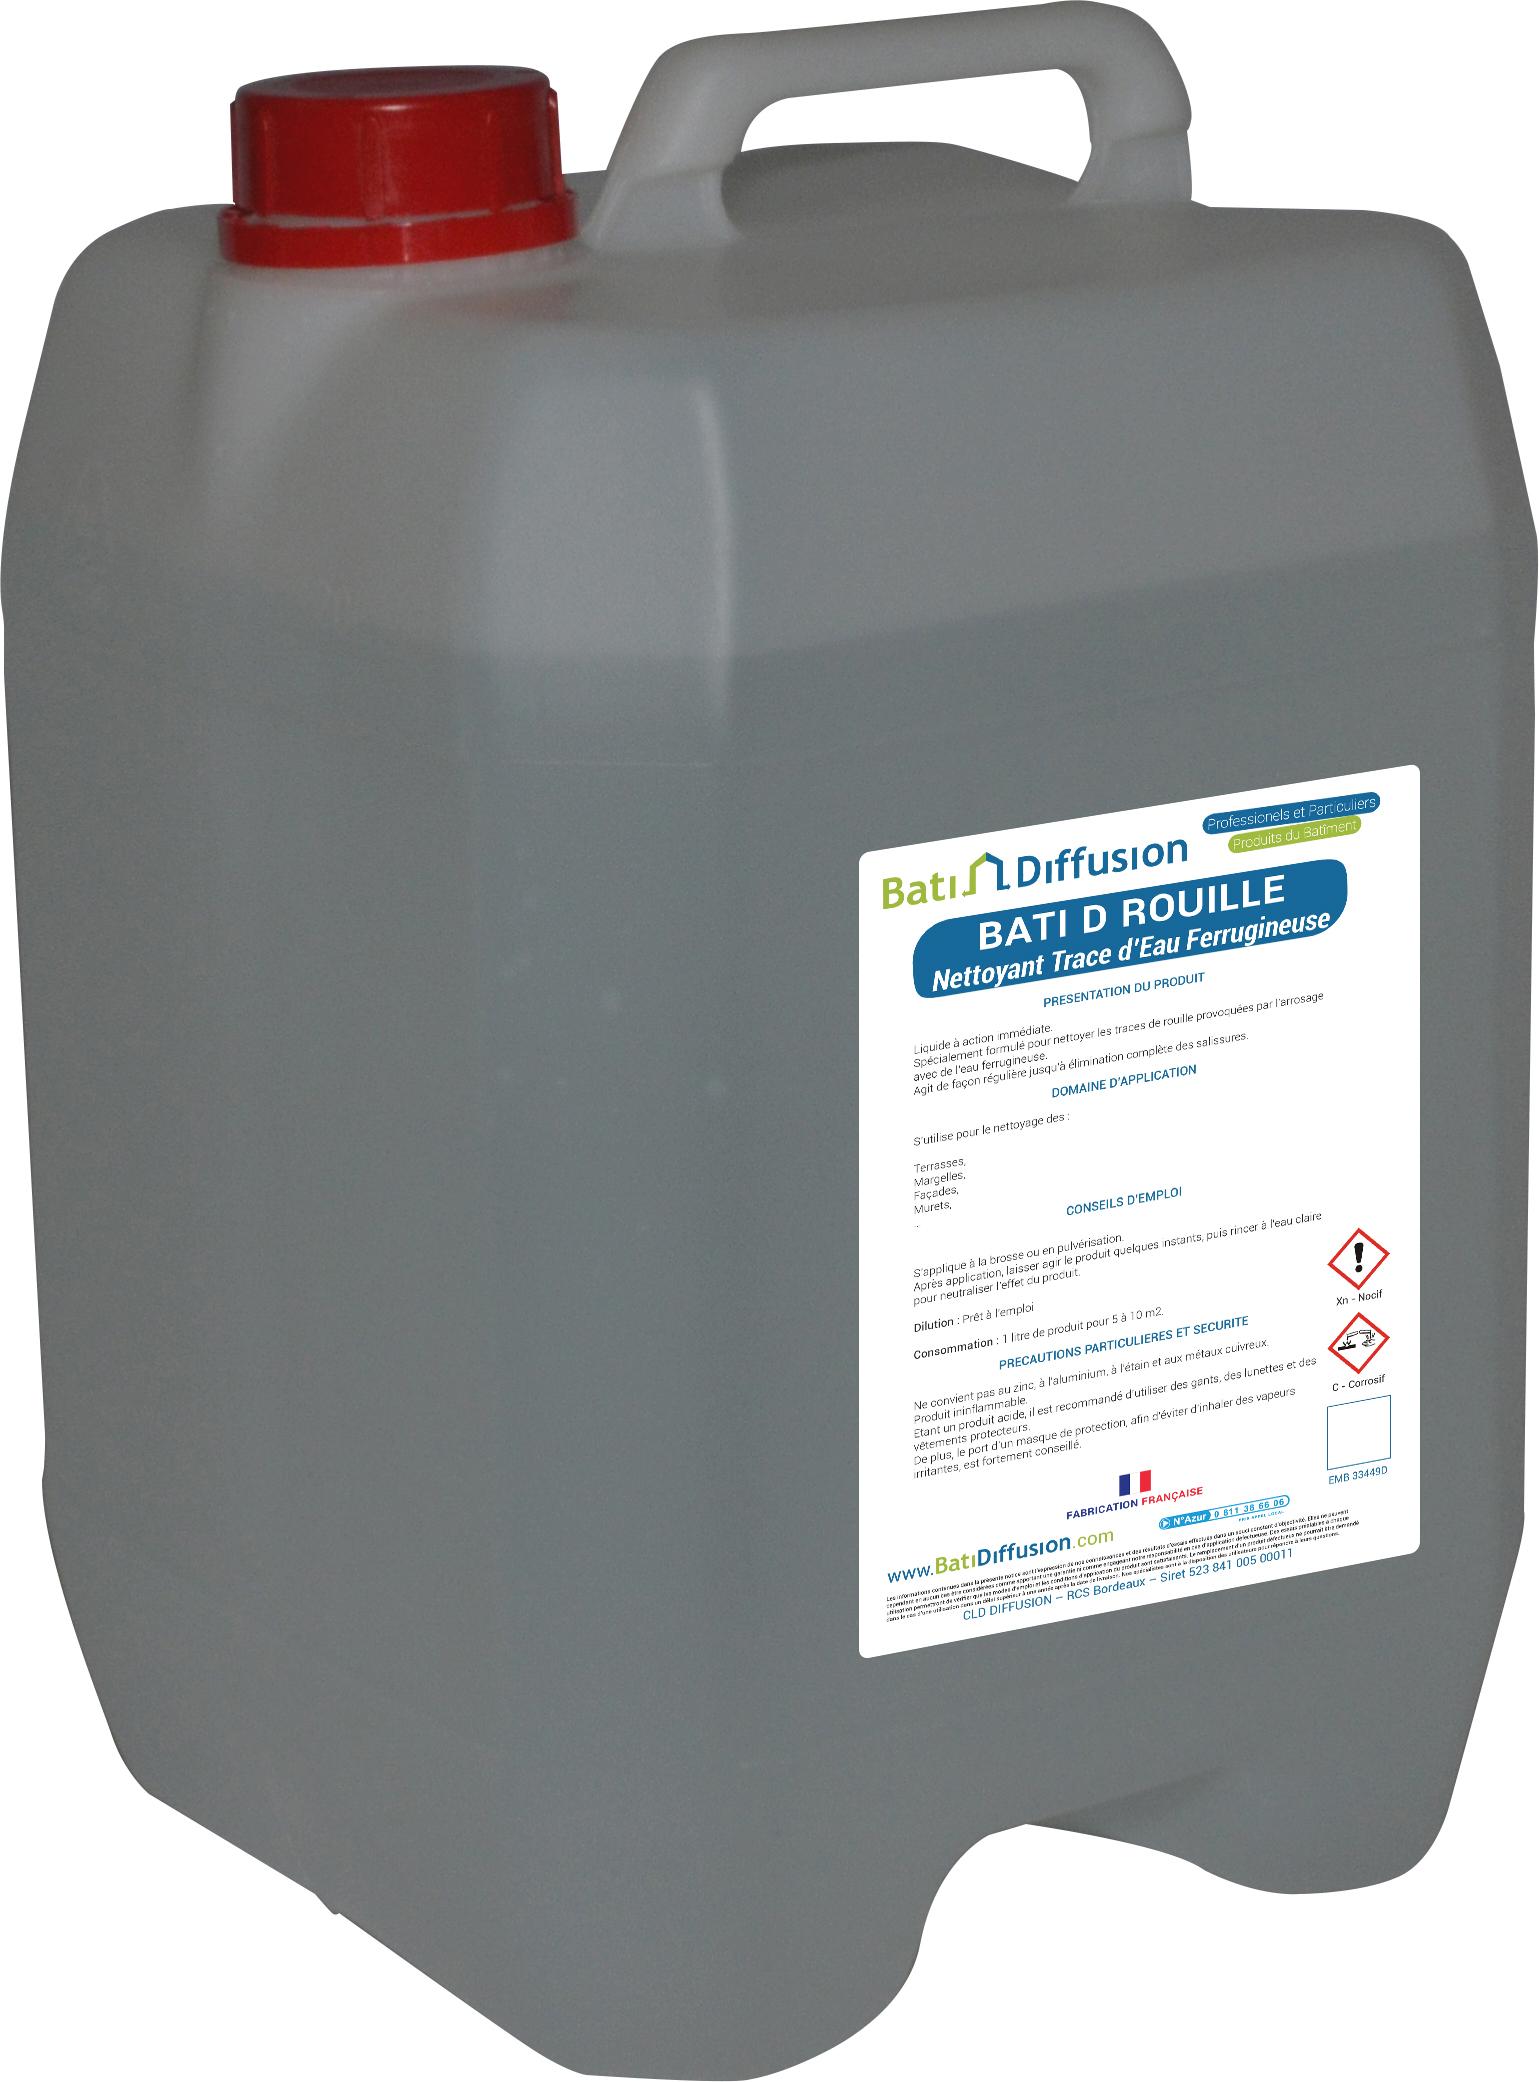 Bati d rouille nettoyant trace d 39 eau ferrugineuse bati diffusion - Nettoyer plaque electrique rouille ...